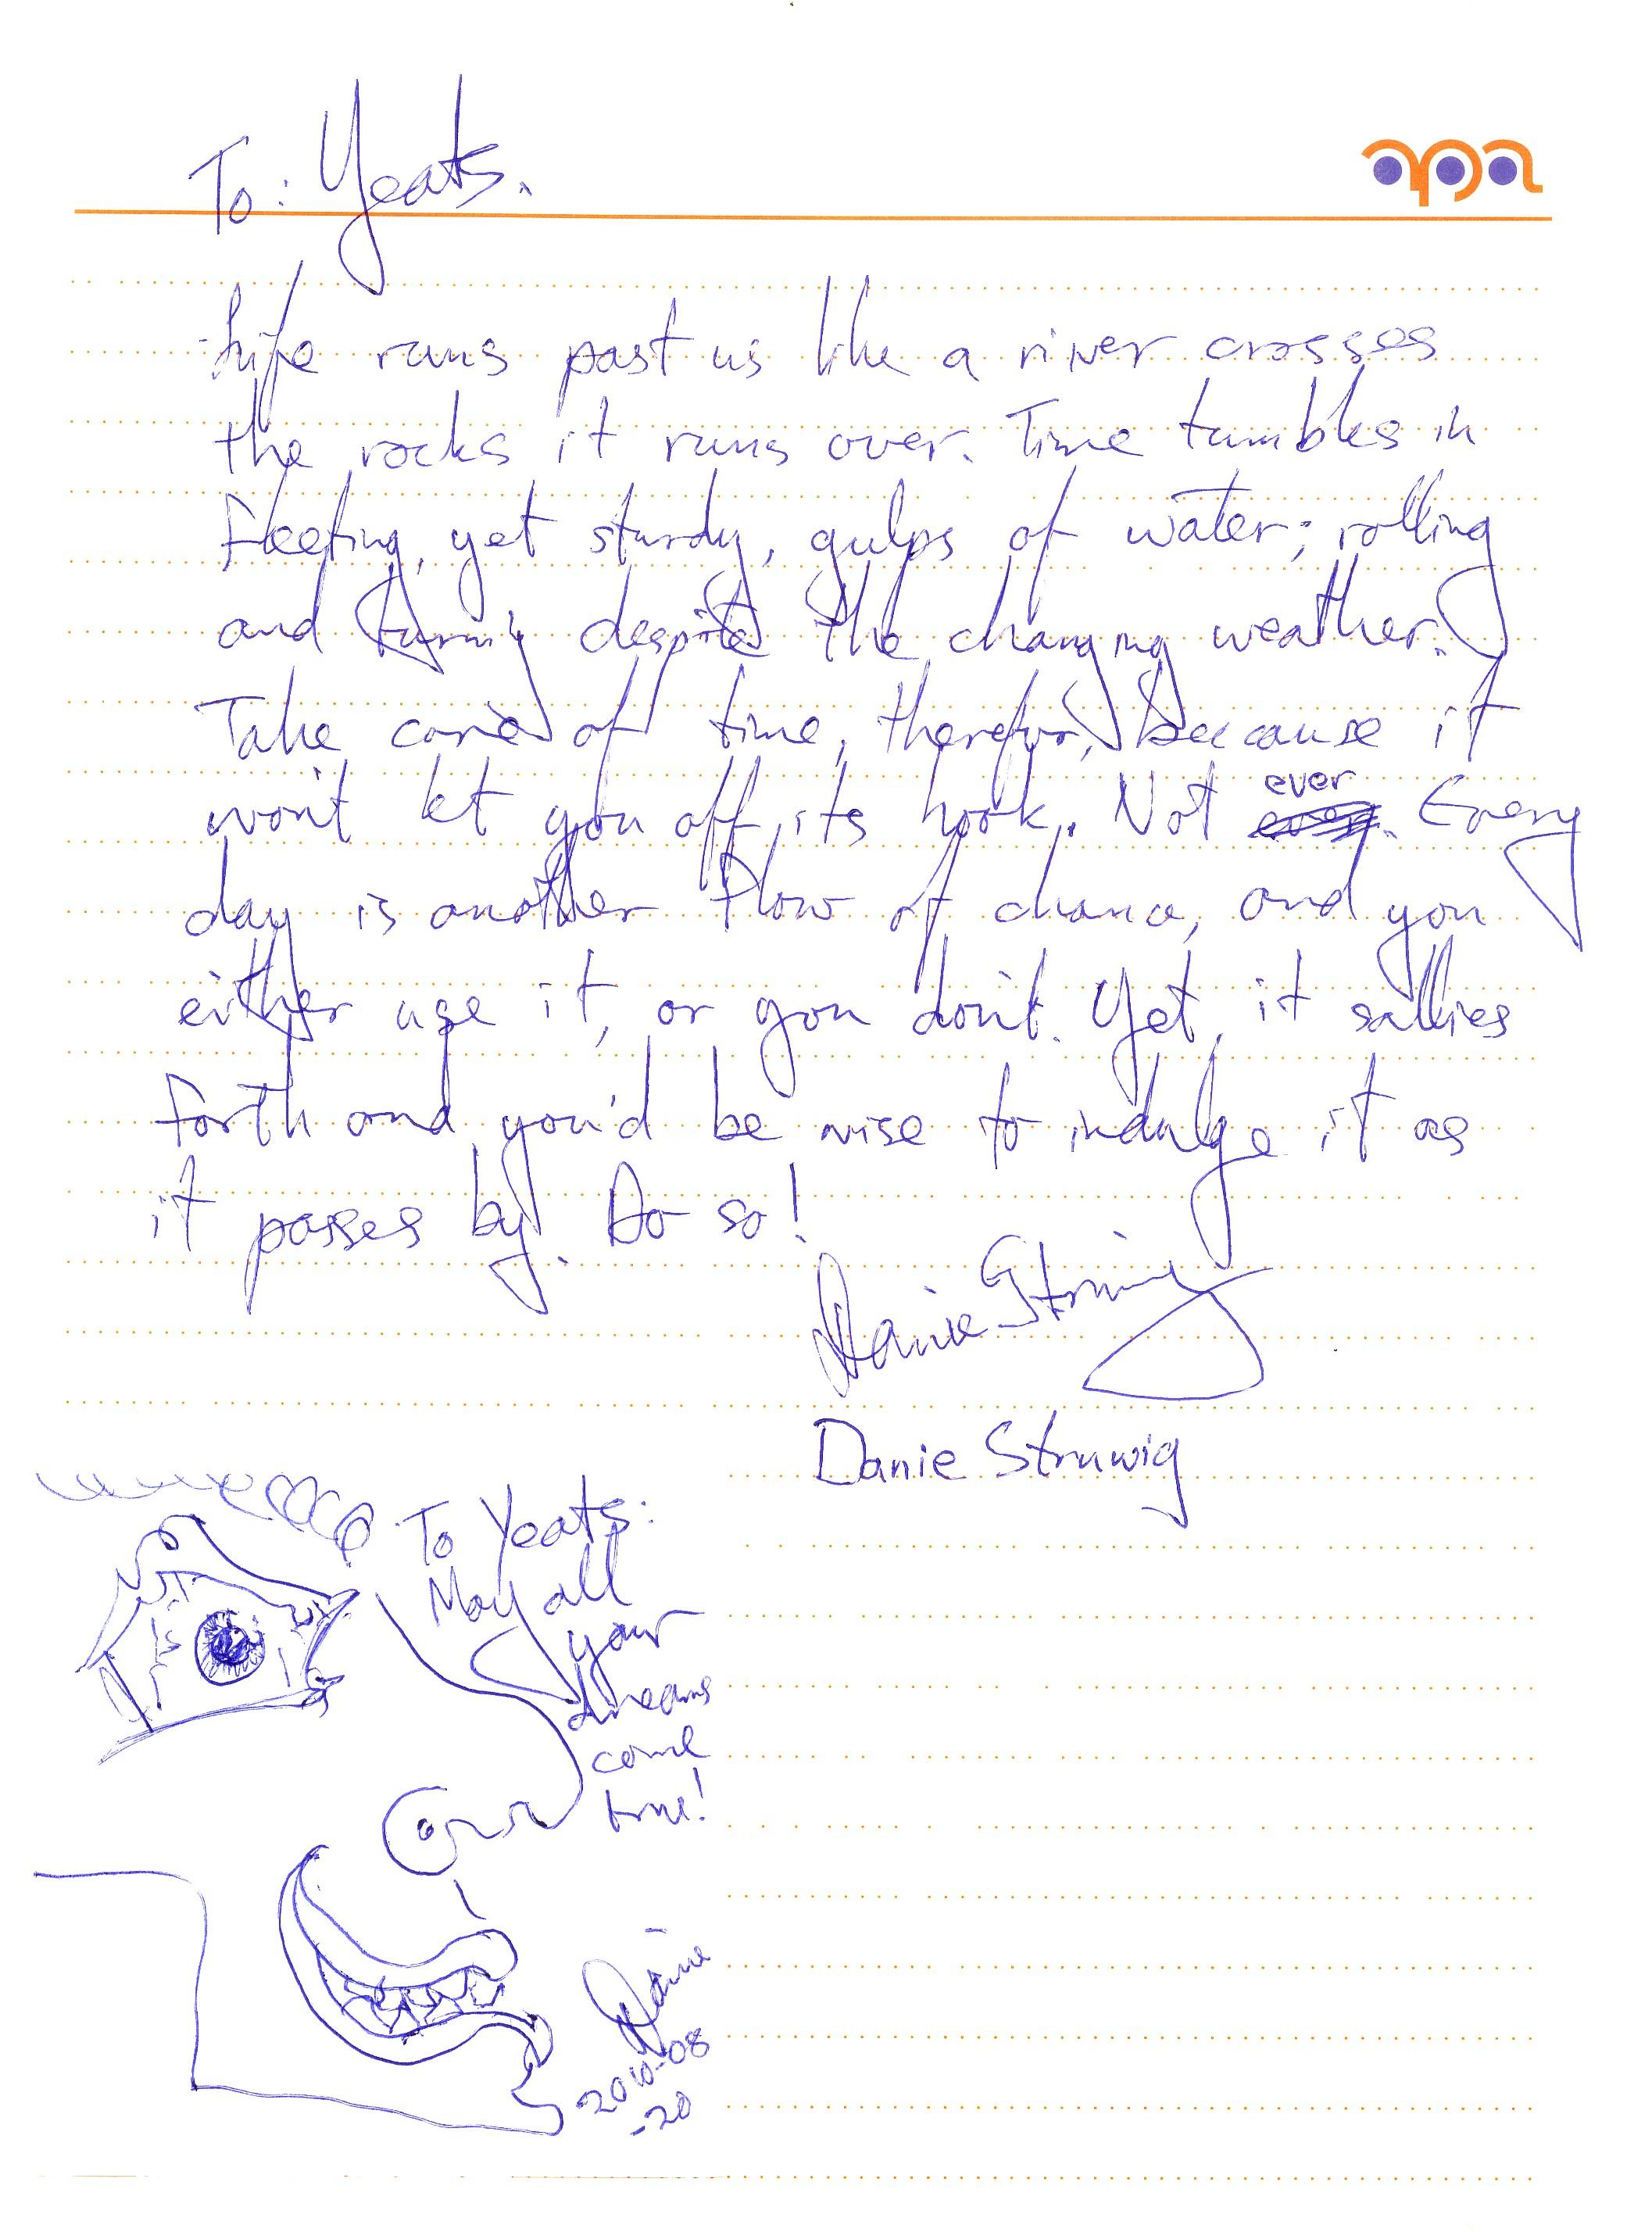 Danie's Poem & Draw